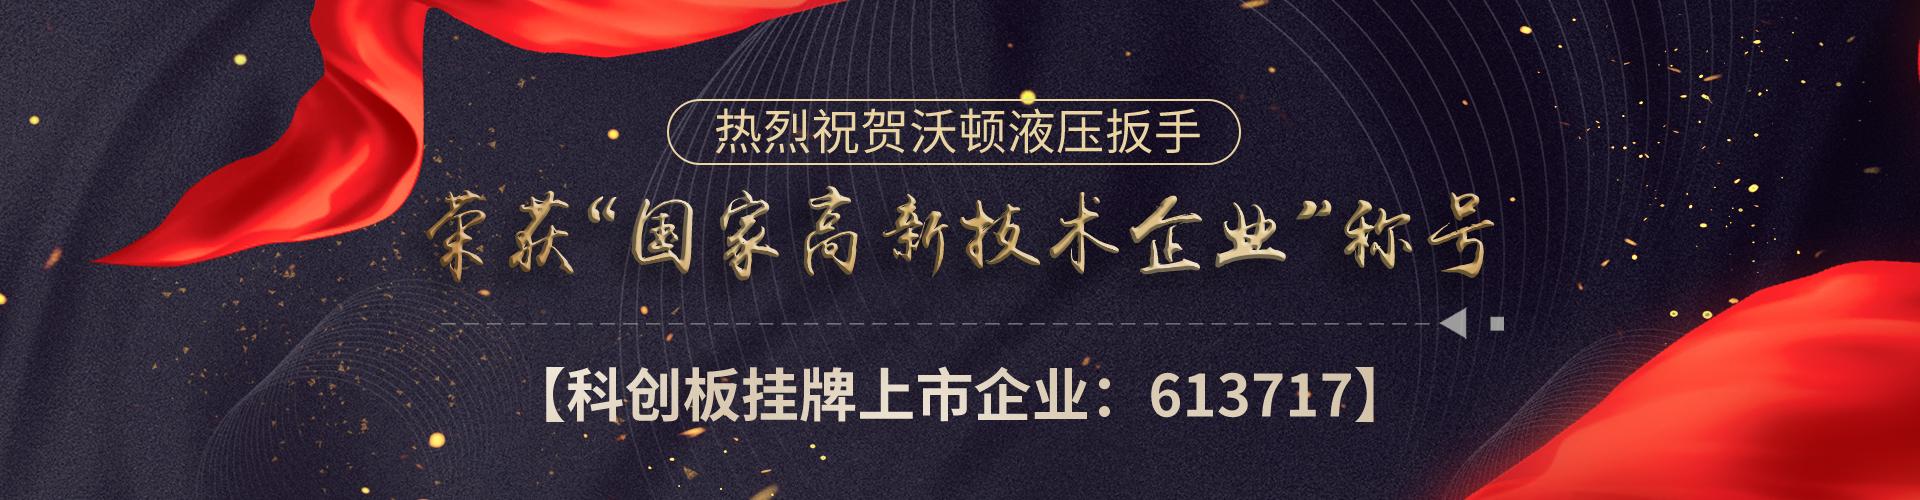 热烈祝贺雷电竞网页WODENLOL雷电竞雷电竞备用网站成功挂牌